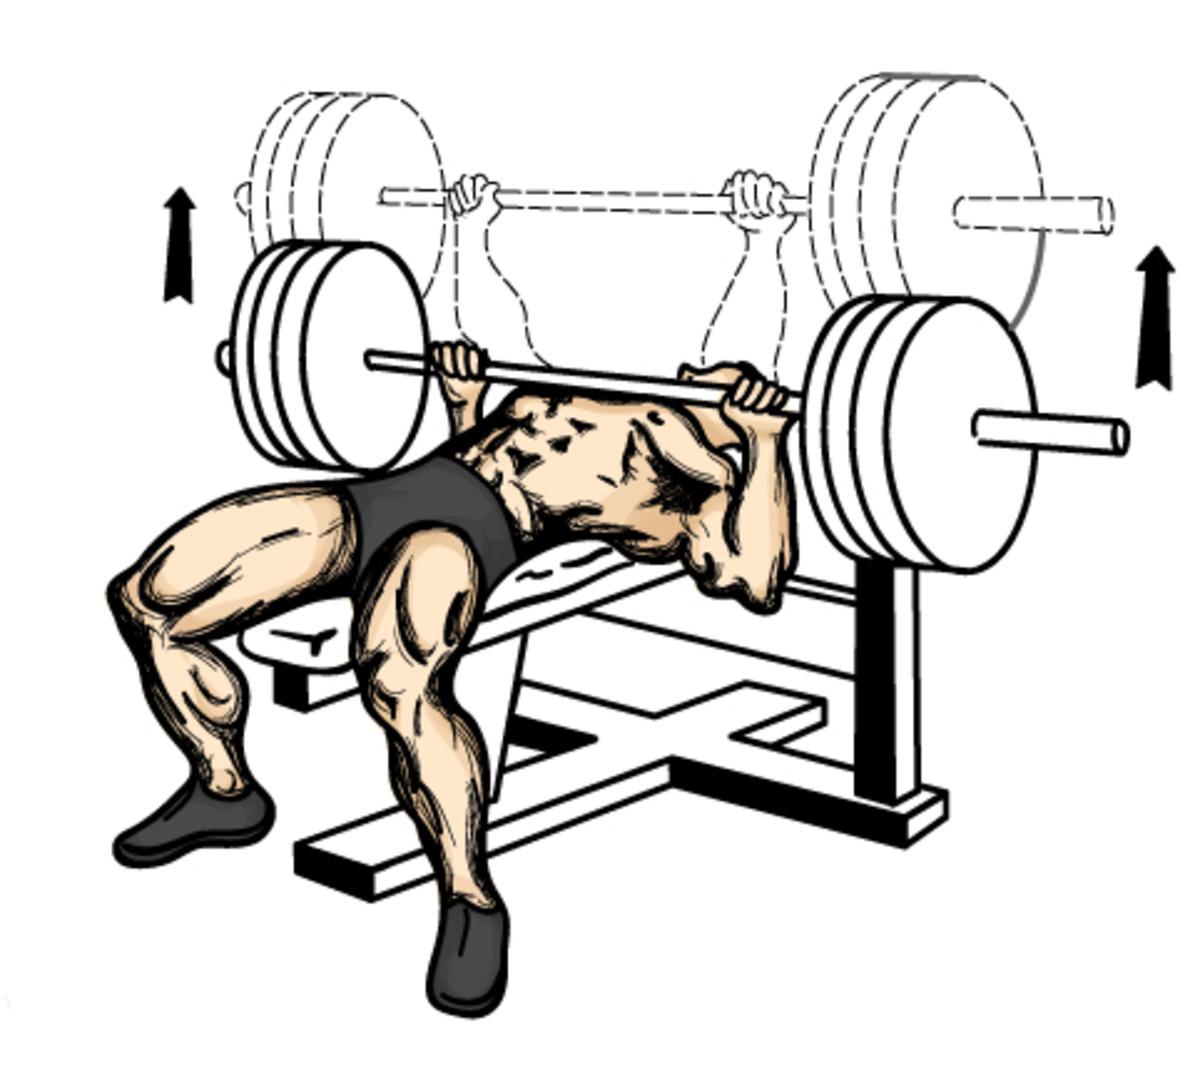 Proper bench press technique.